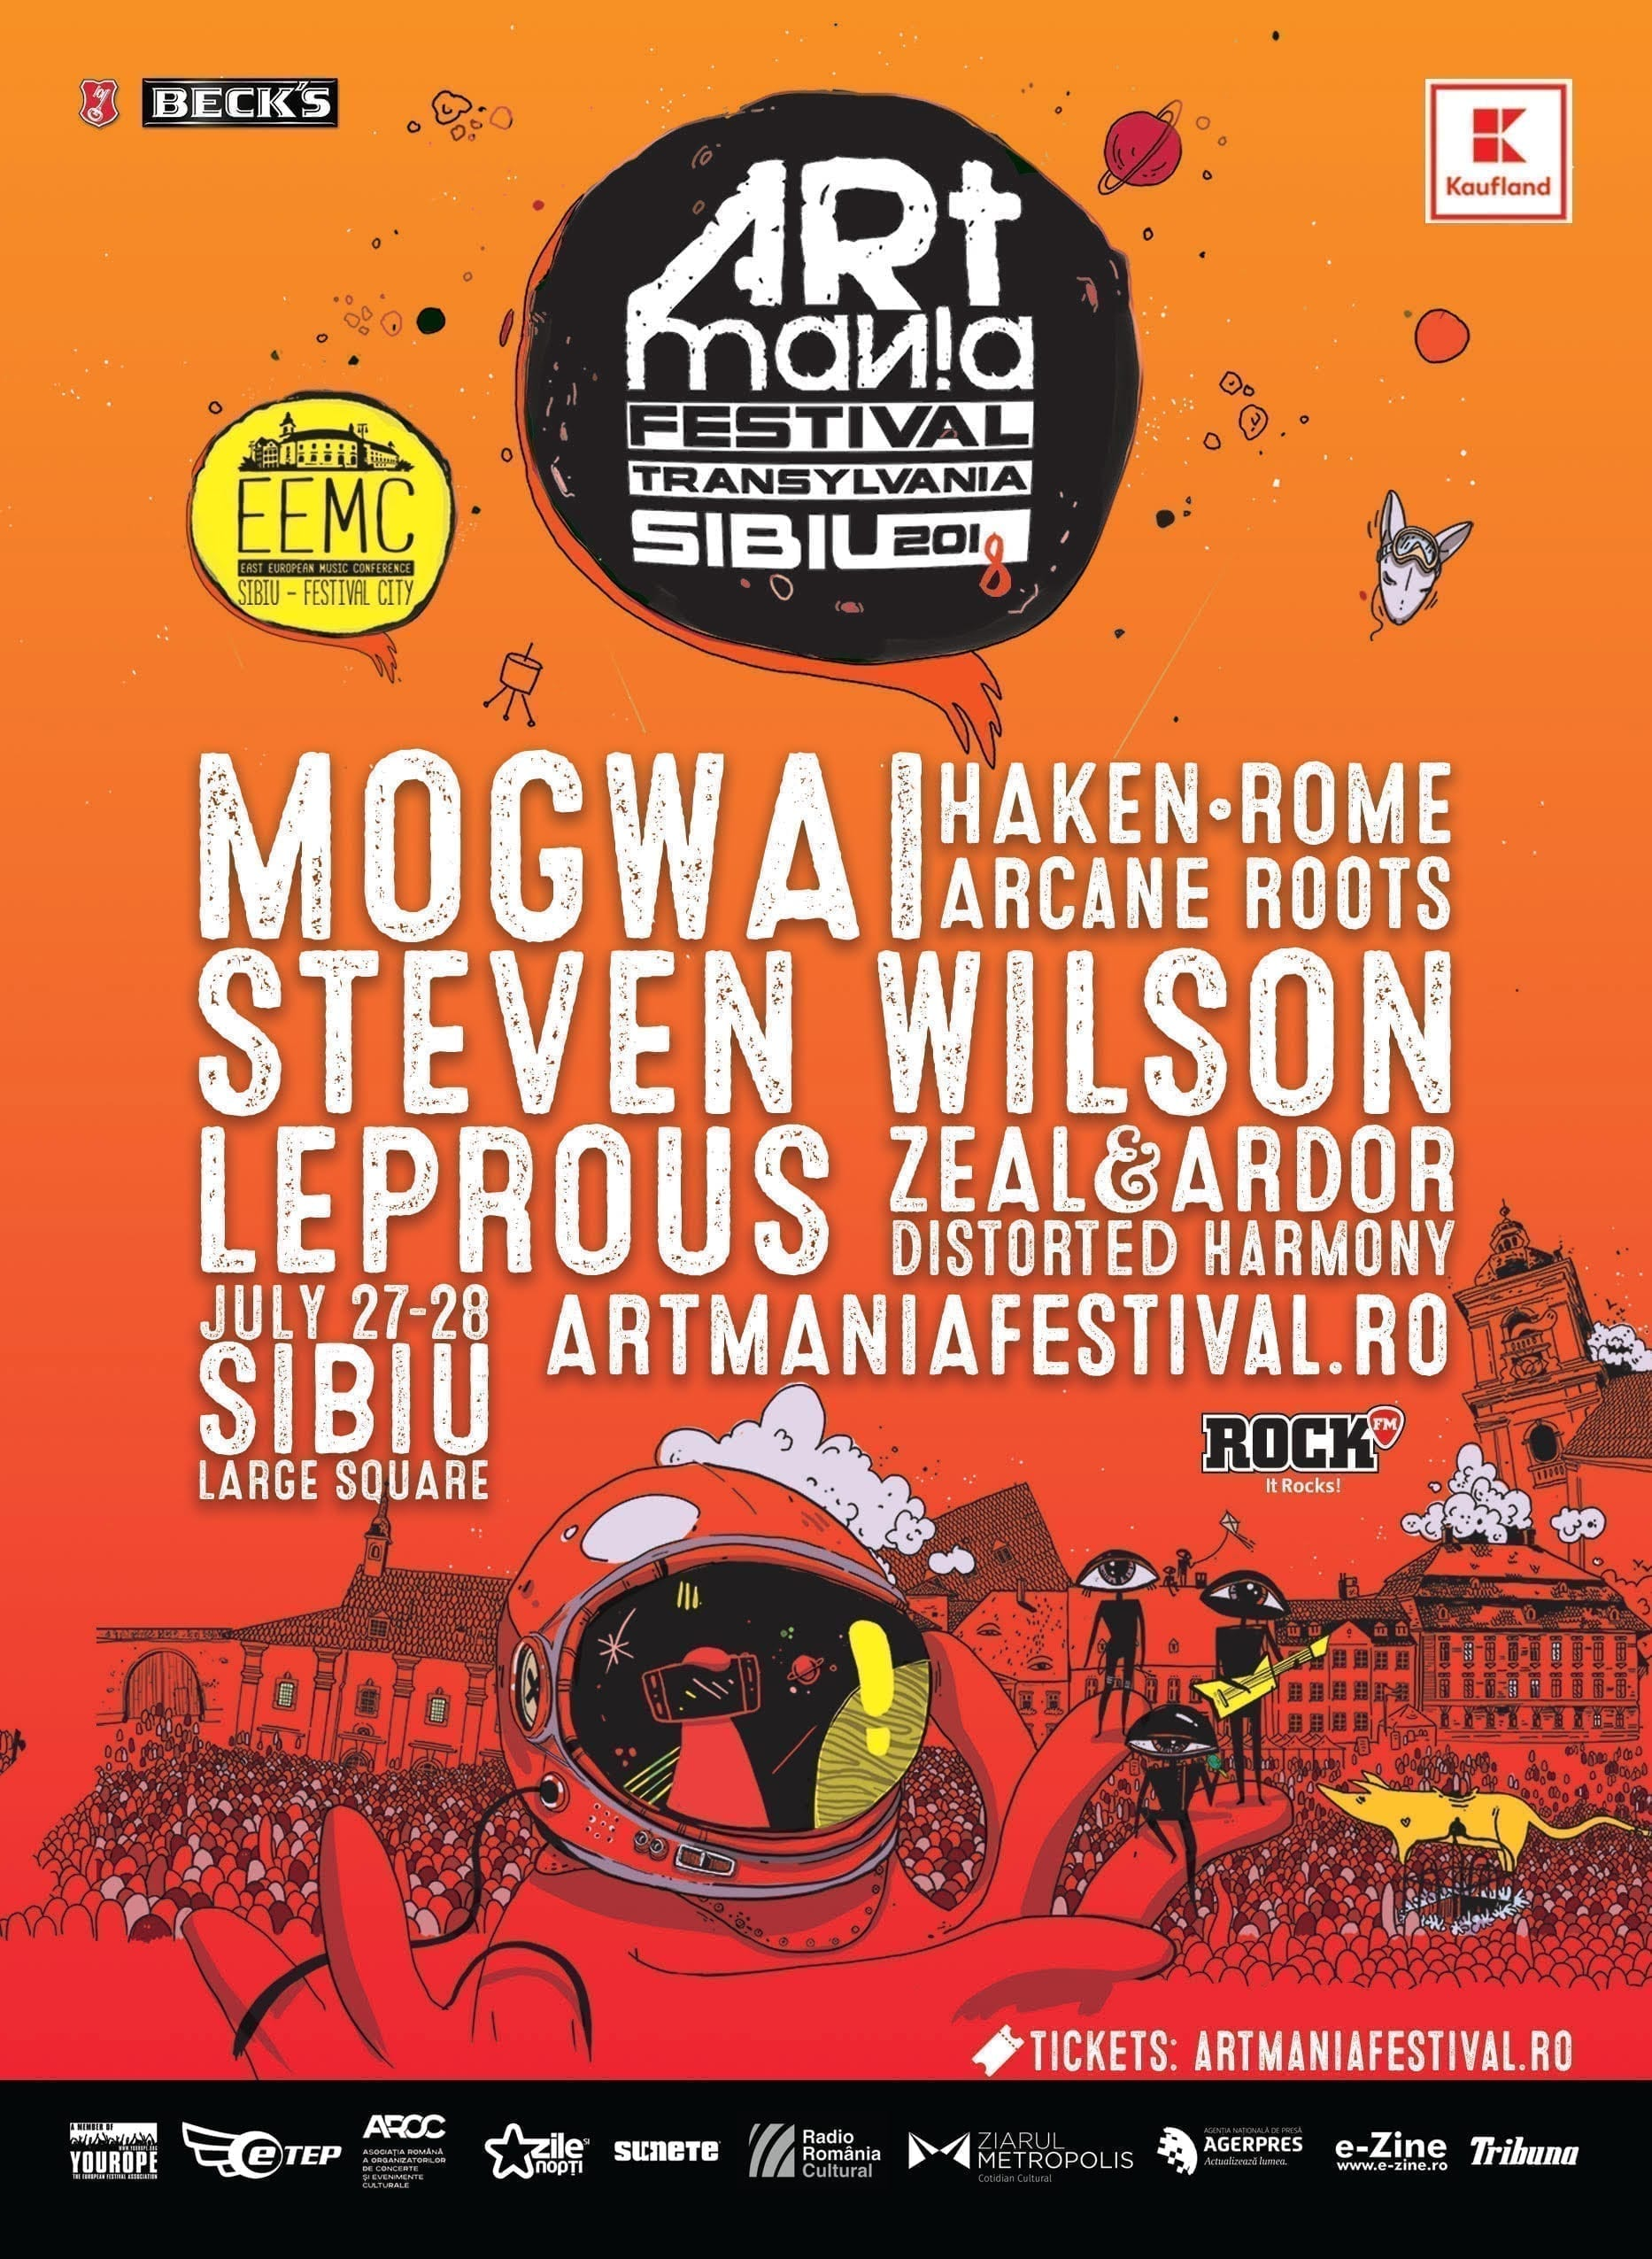 ARTmania Festival 2018 @ Piața Mare, Sibiu